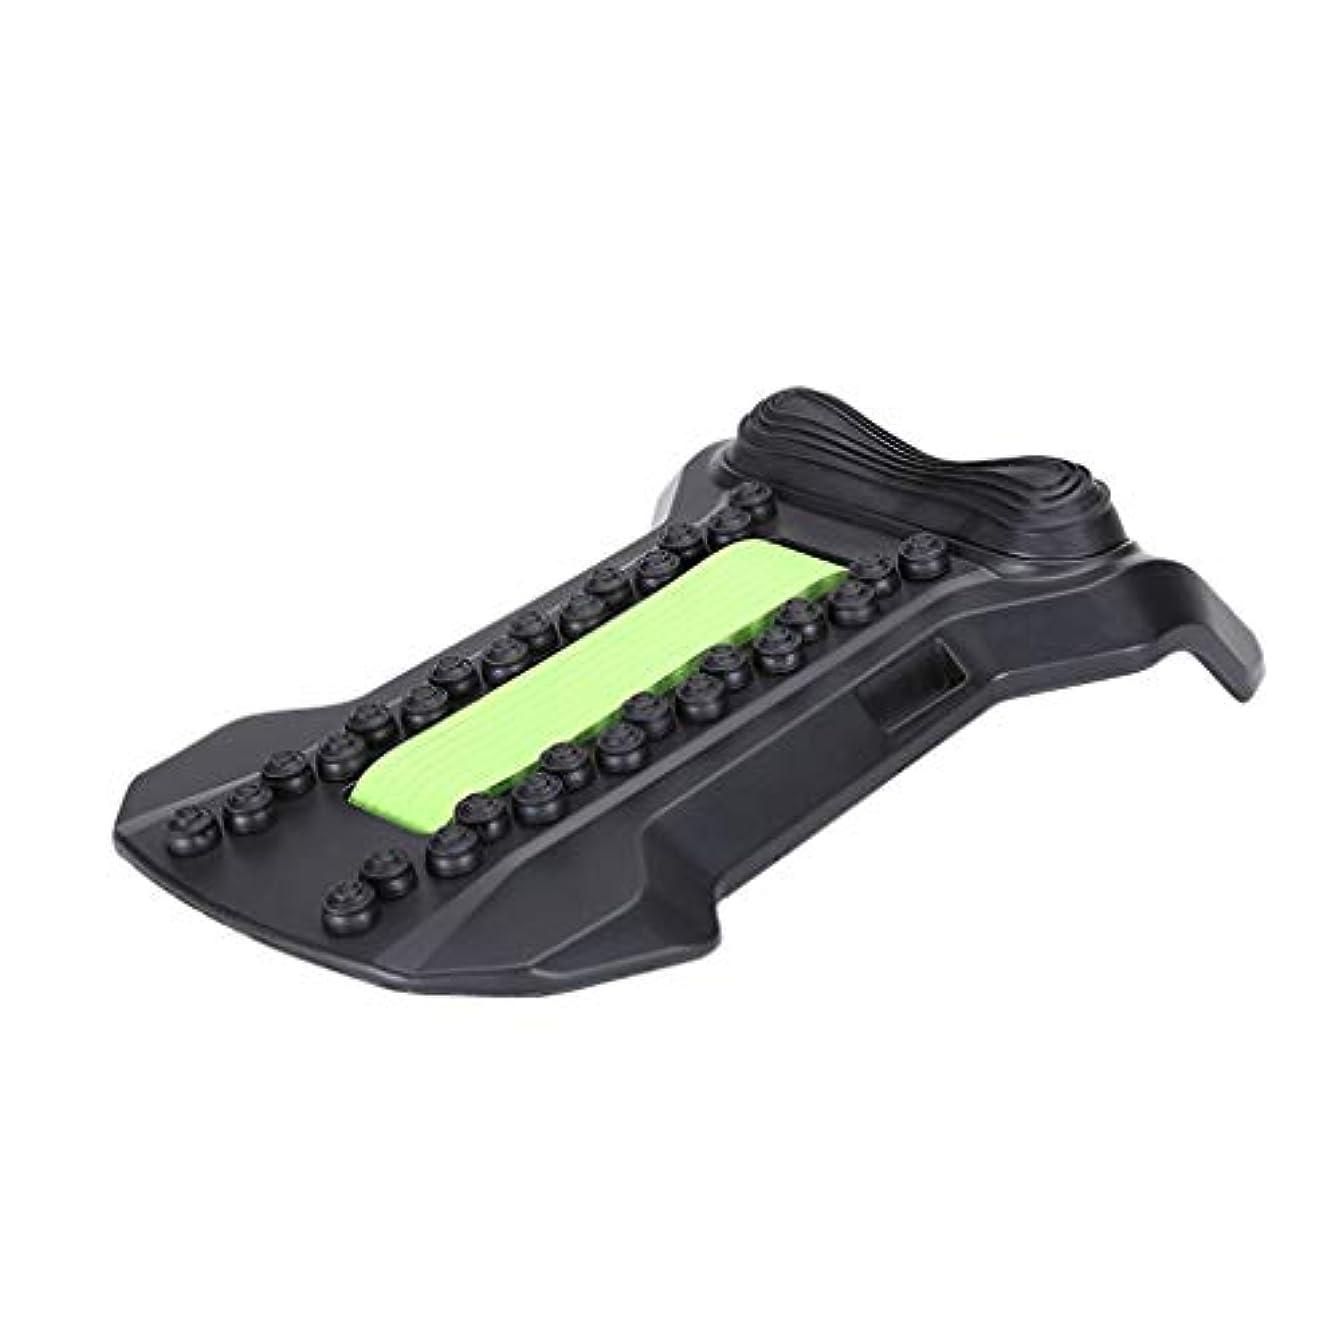 テメリティ混沌影響背部マッサージャーの伸張装置、腰椎サポート弛緩の魔法の伸張器の適性の仲間の脊椎の痛みを和らげるカイロプラクター,Green